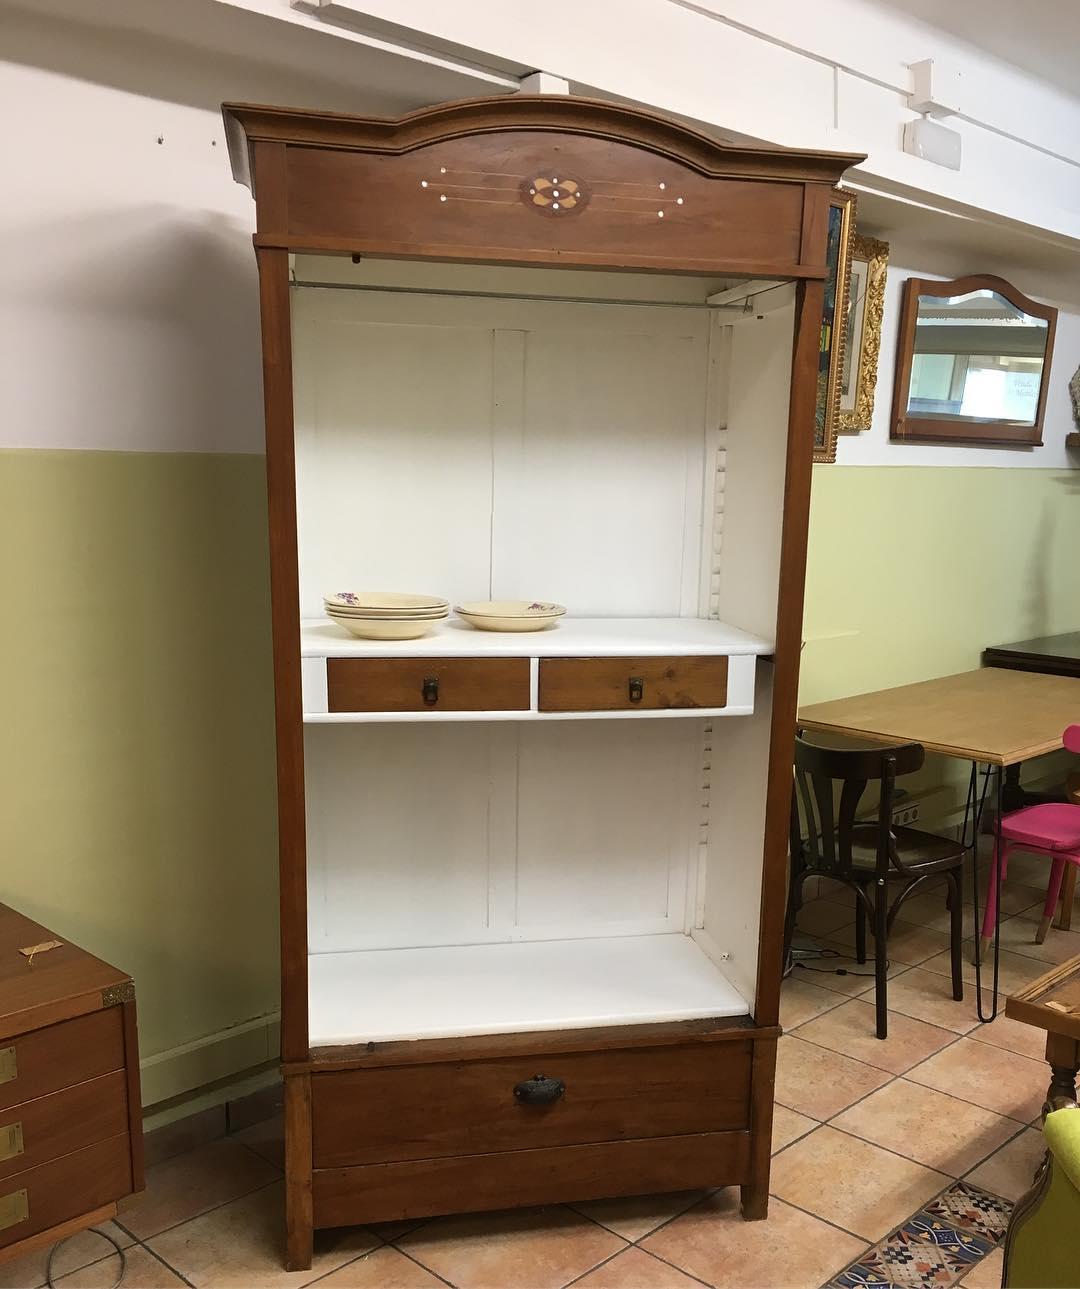 Armário ou armário do corredor, é como você quer! Infos e preço em MP  #arm ...